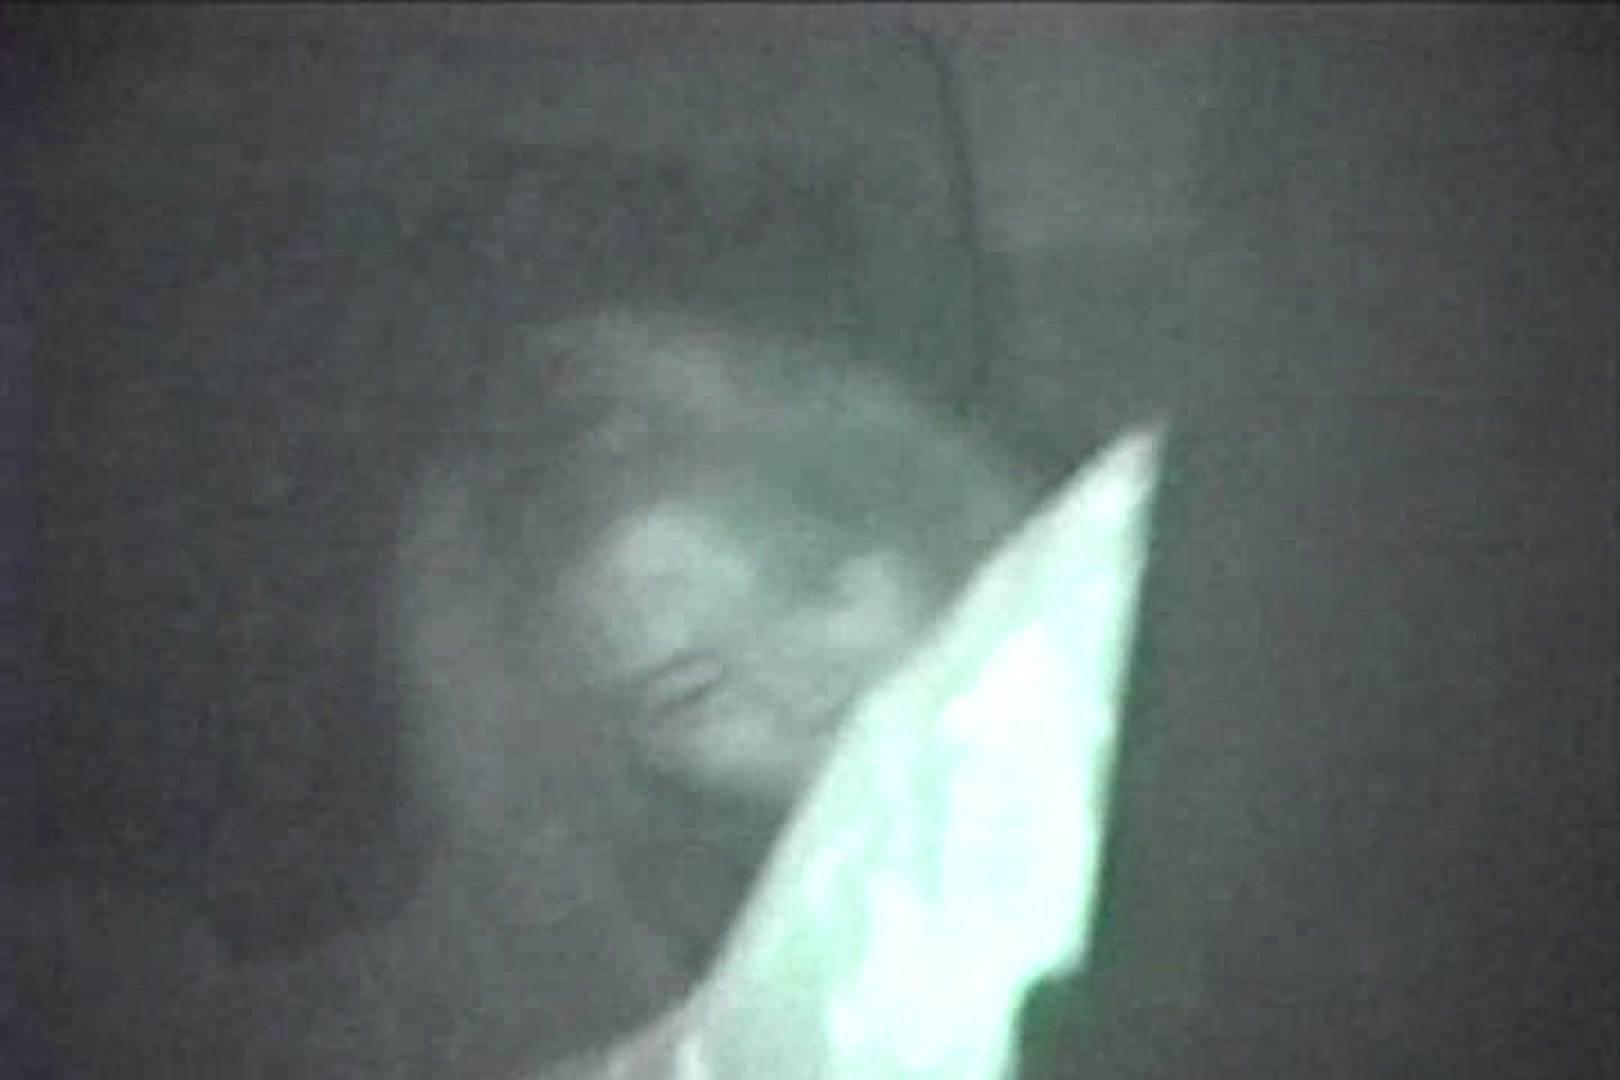 蔵出し!!赤外線カーセックスVol.17 OLの実態 盗み撮りAV無料動画キャプチャ 83pic 26